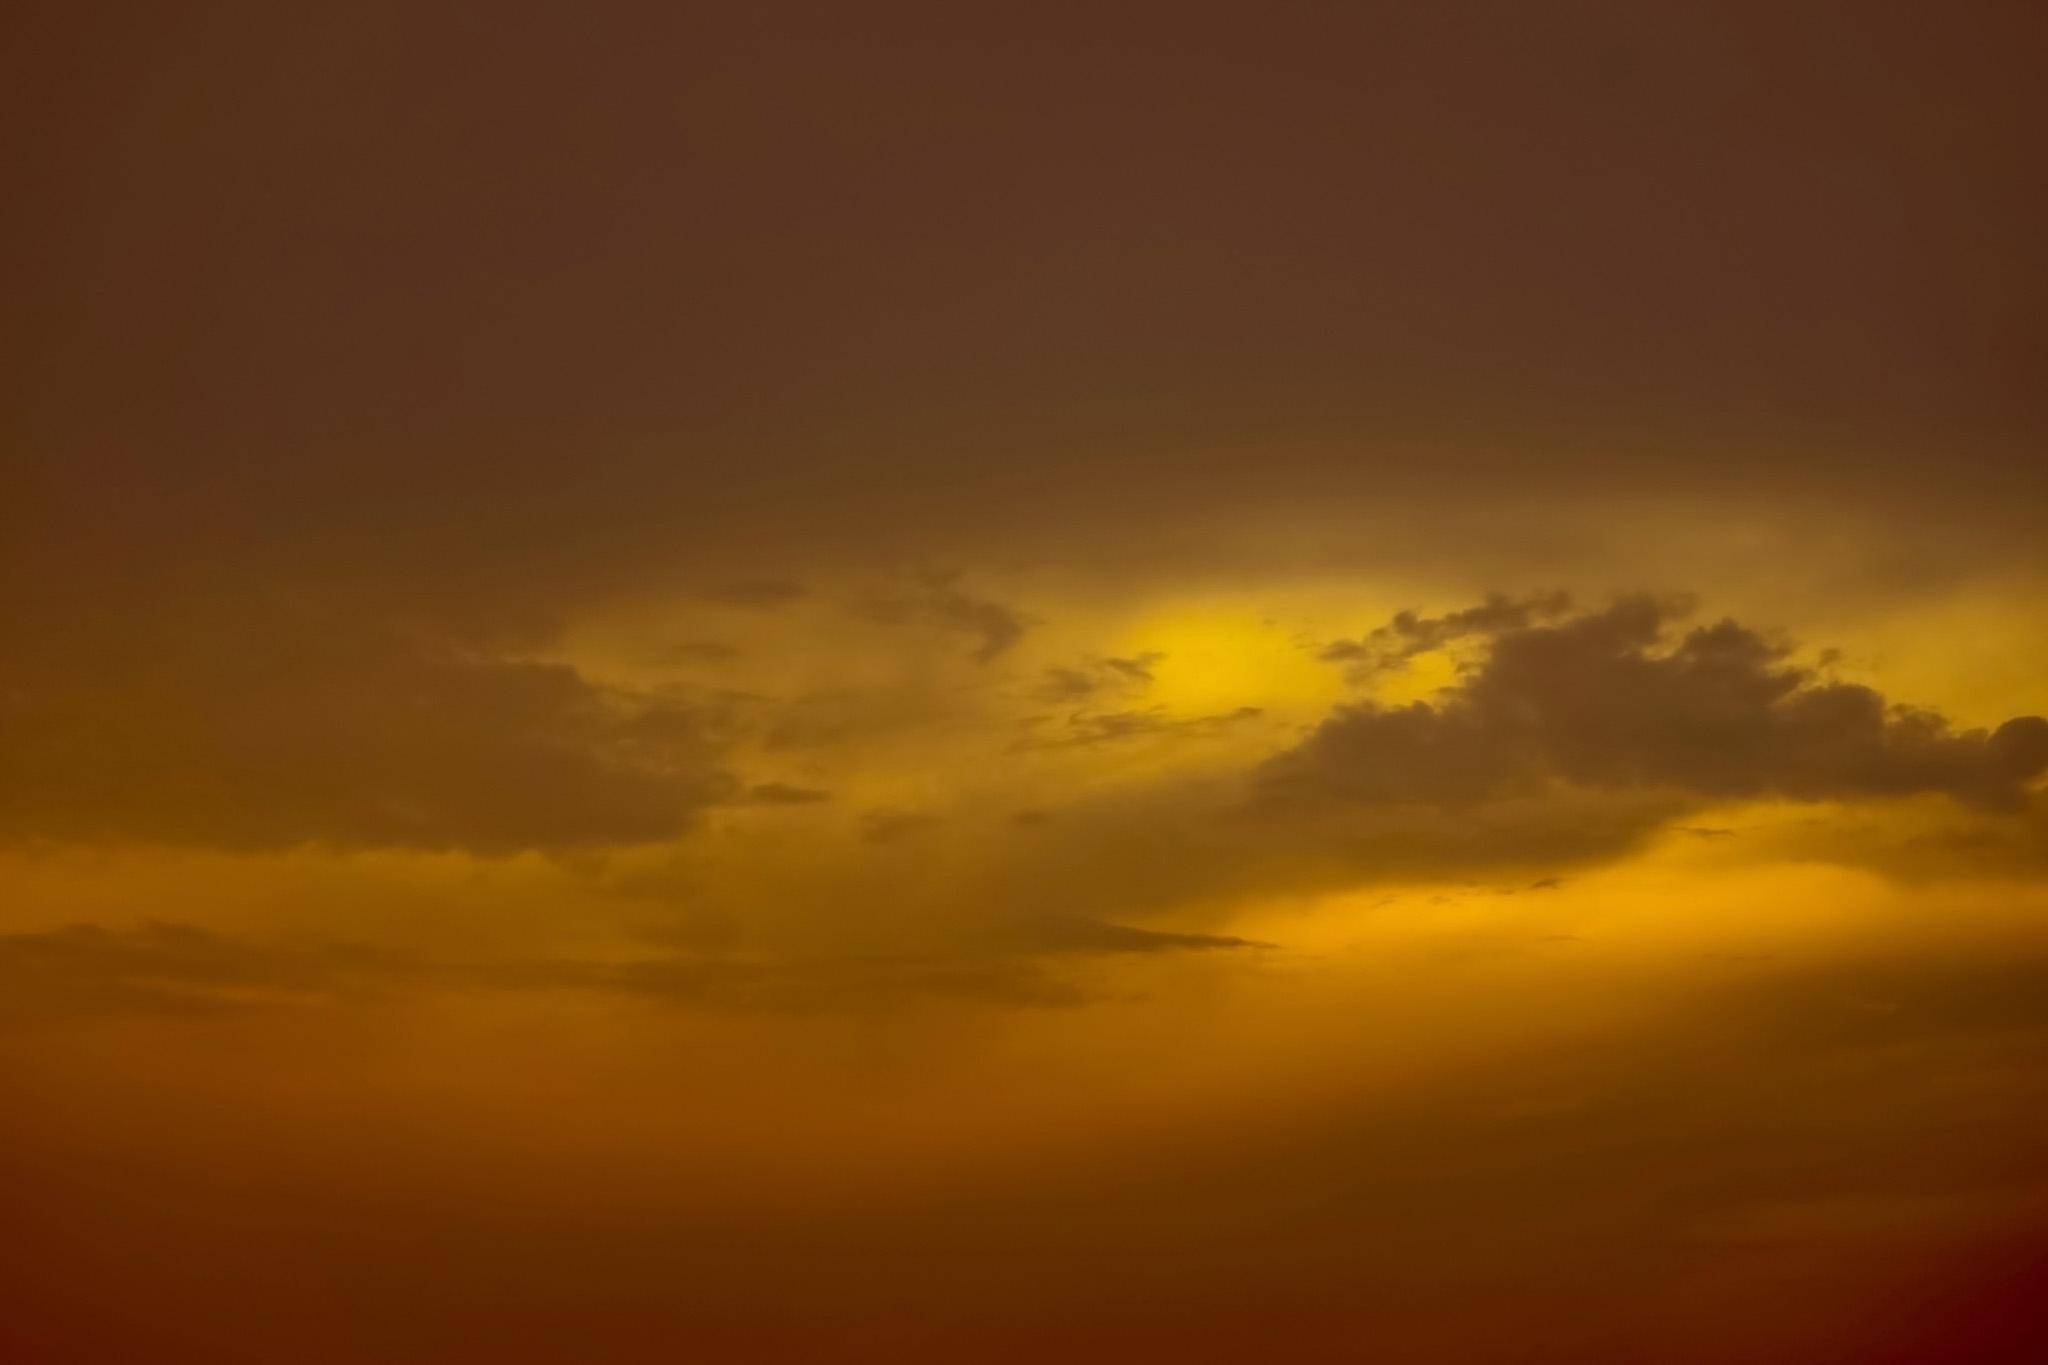 「暗い空に黄色くぼける夕焼け」